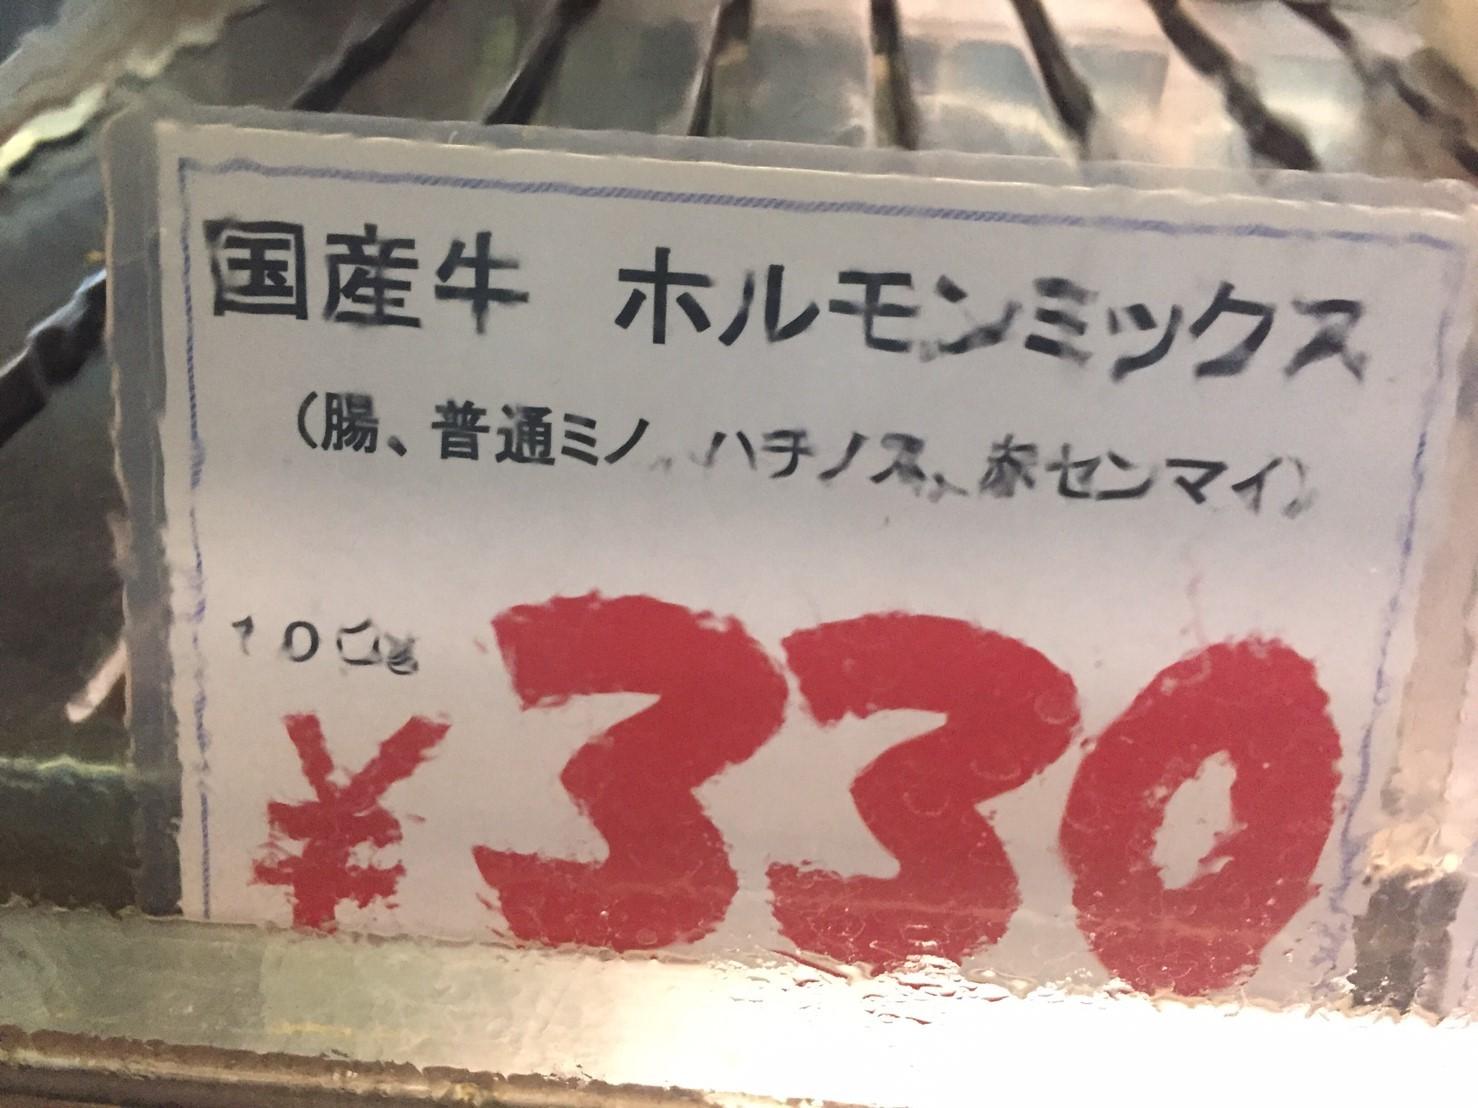 浜岡精肉店 泊の牛豚ホルモン_e0115904_01311787.jpg